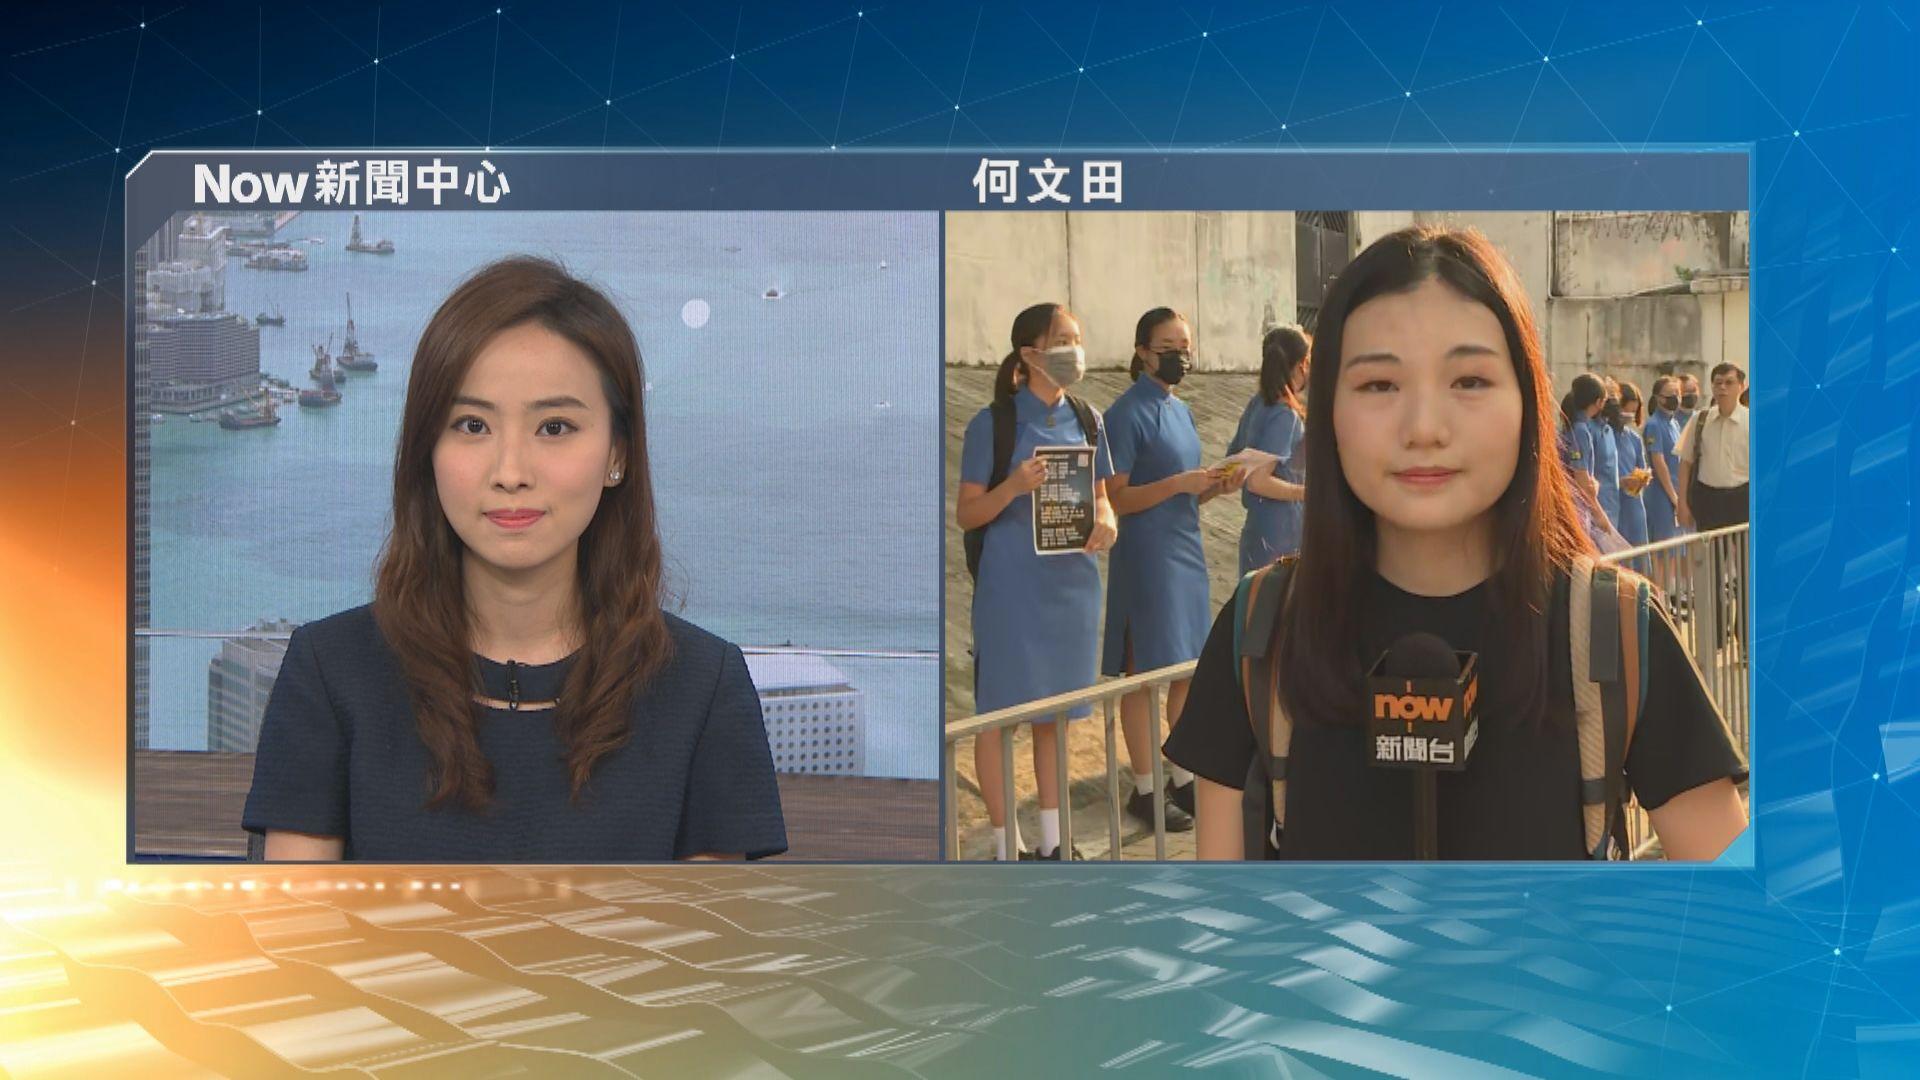 【現場報道】何文田學生組人鏈 企滿天光道